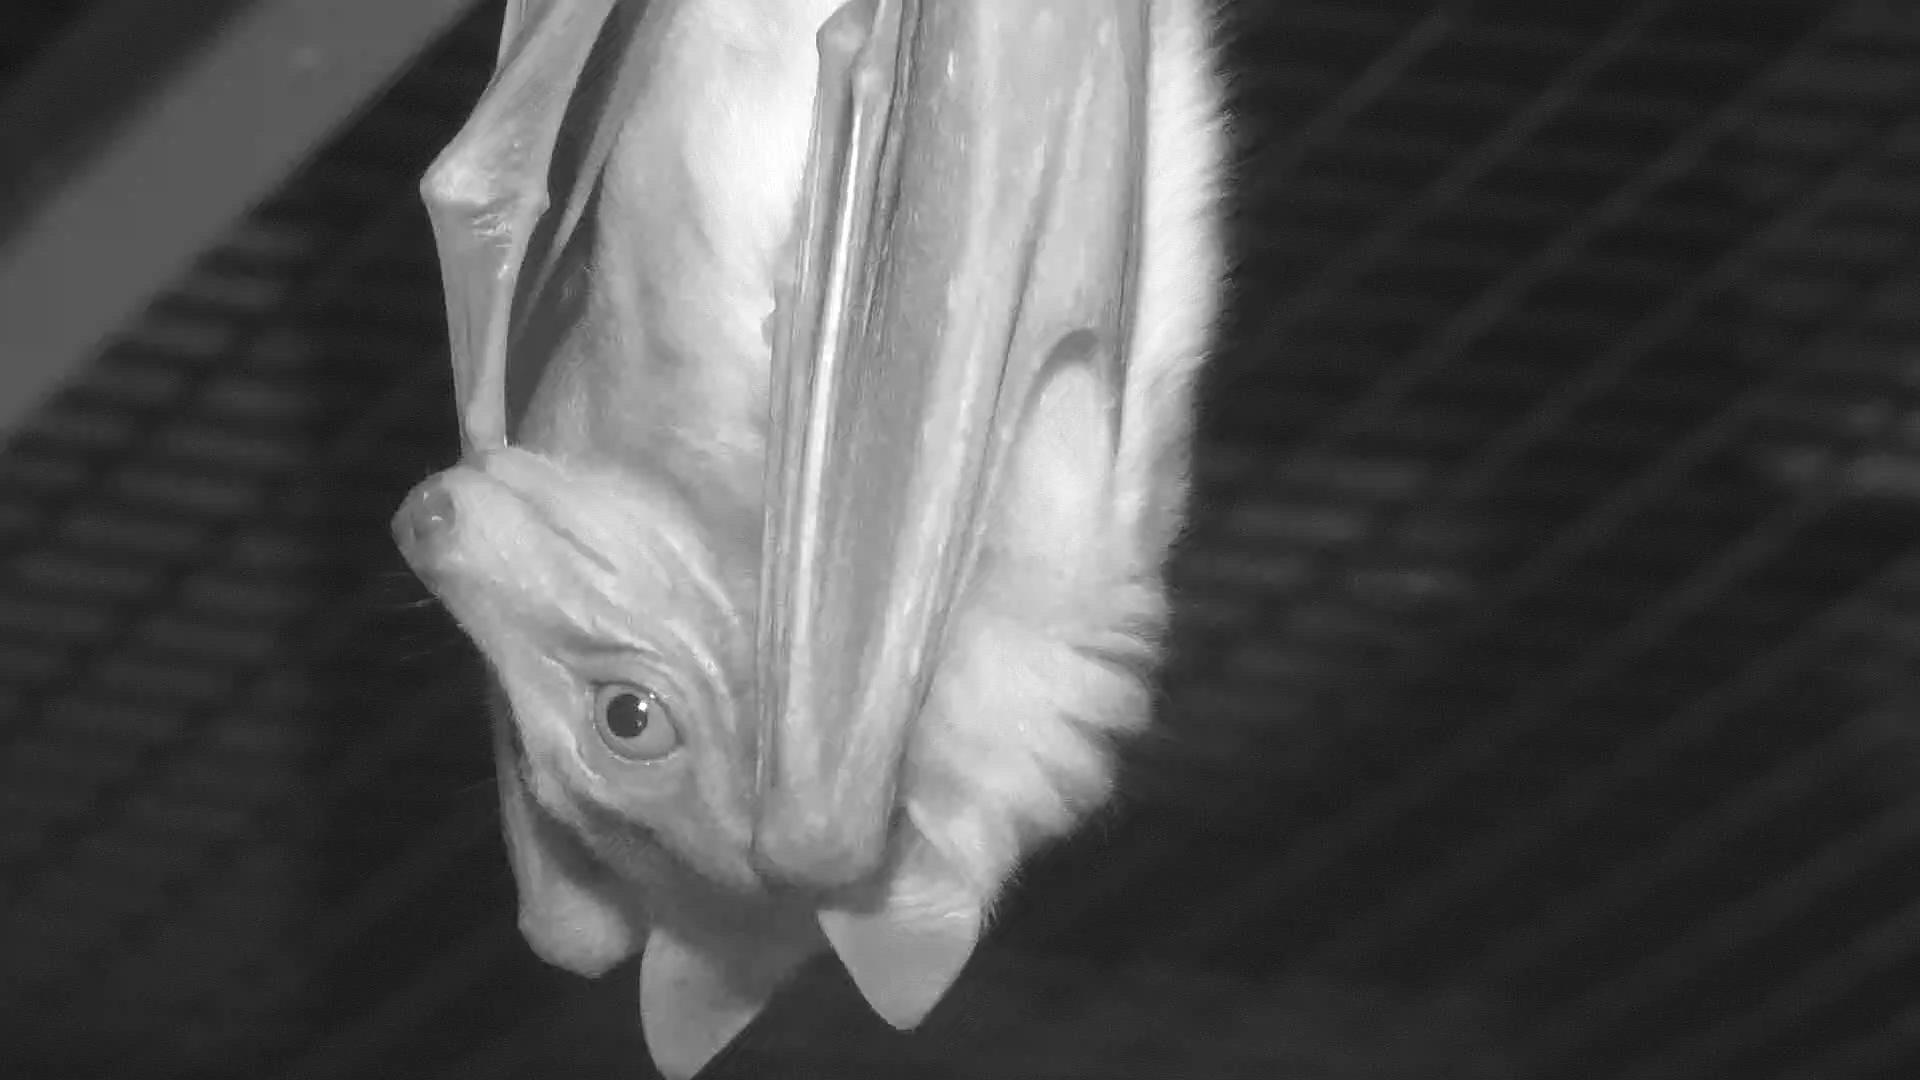 Giant Flying Fox Lubee Bat Conservancy Exploreorg